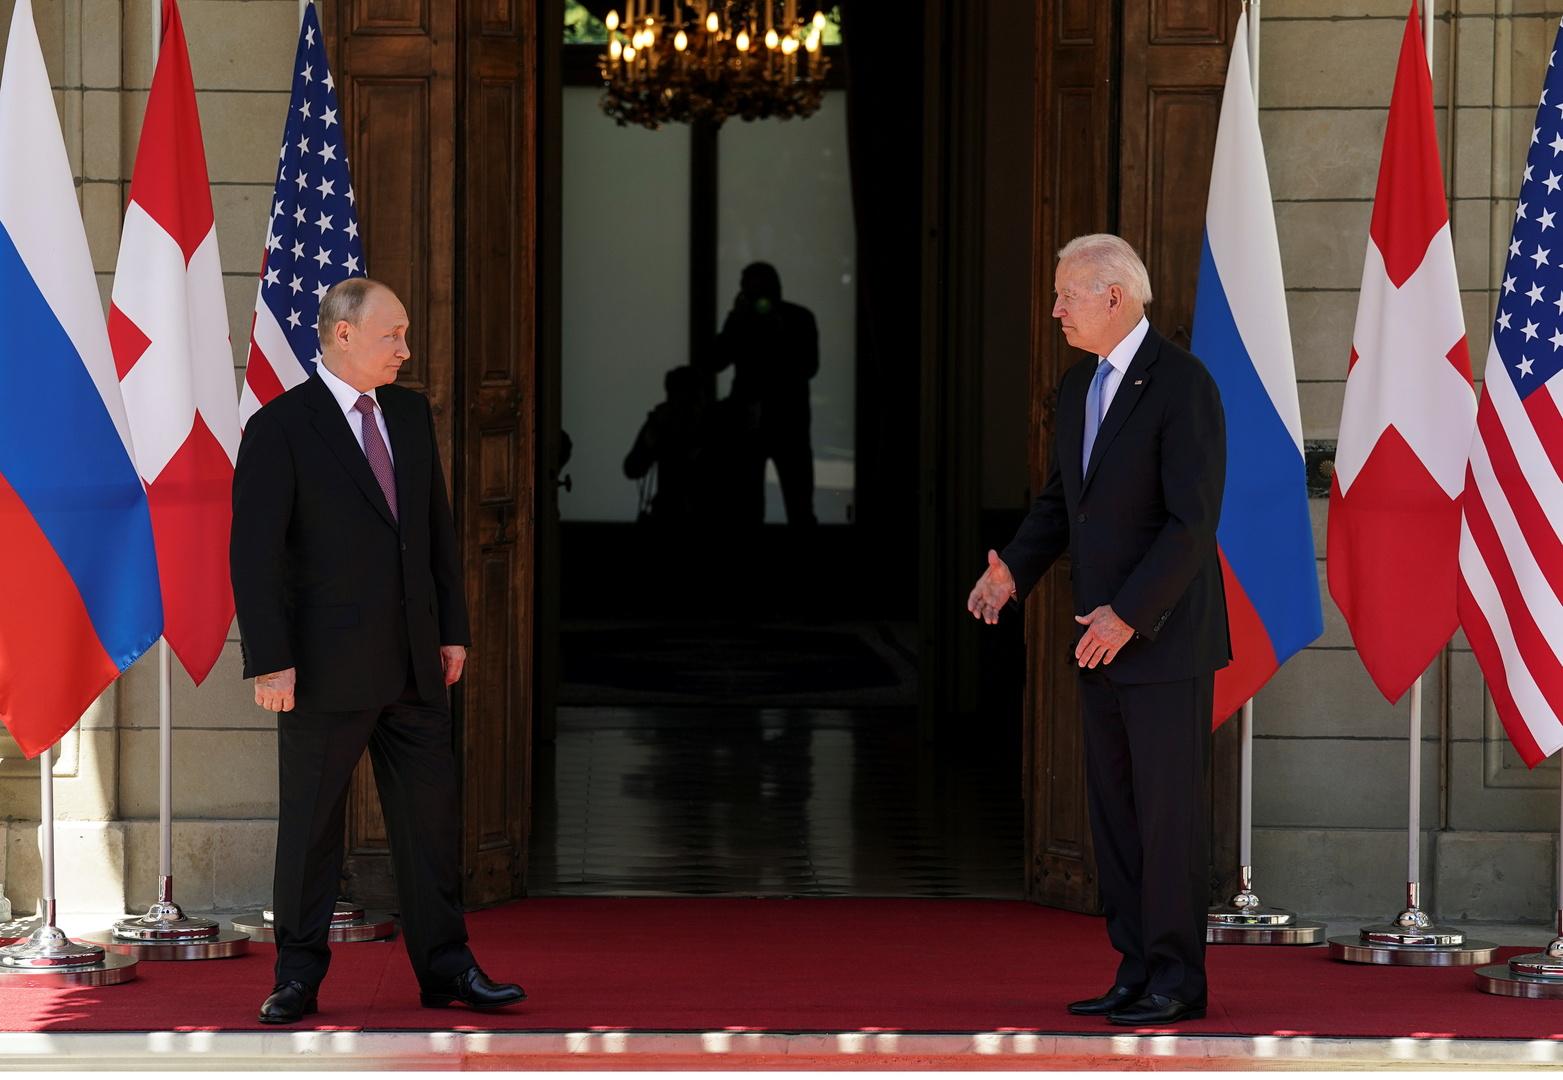 تقرير: ترامب أدرك أخيرا أنه لم يعد رئيسا بعد مشاهدة قمة بايدن - بوتين